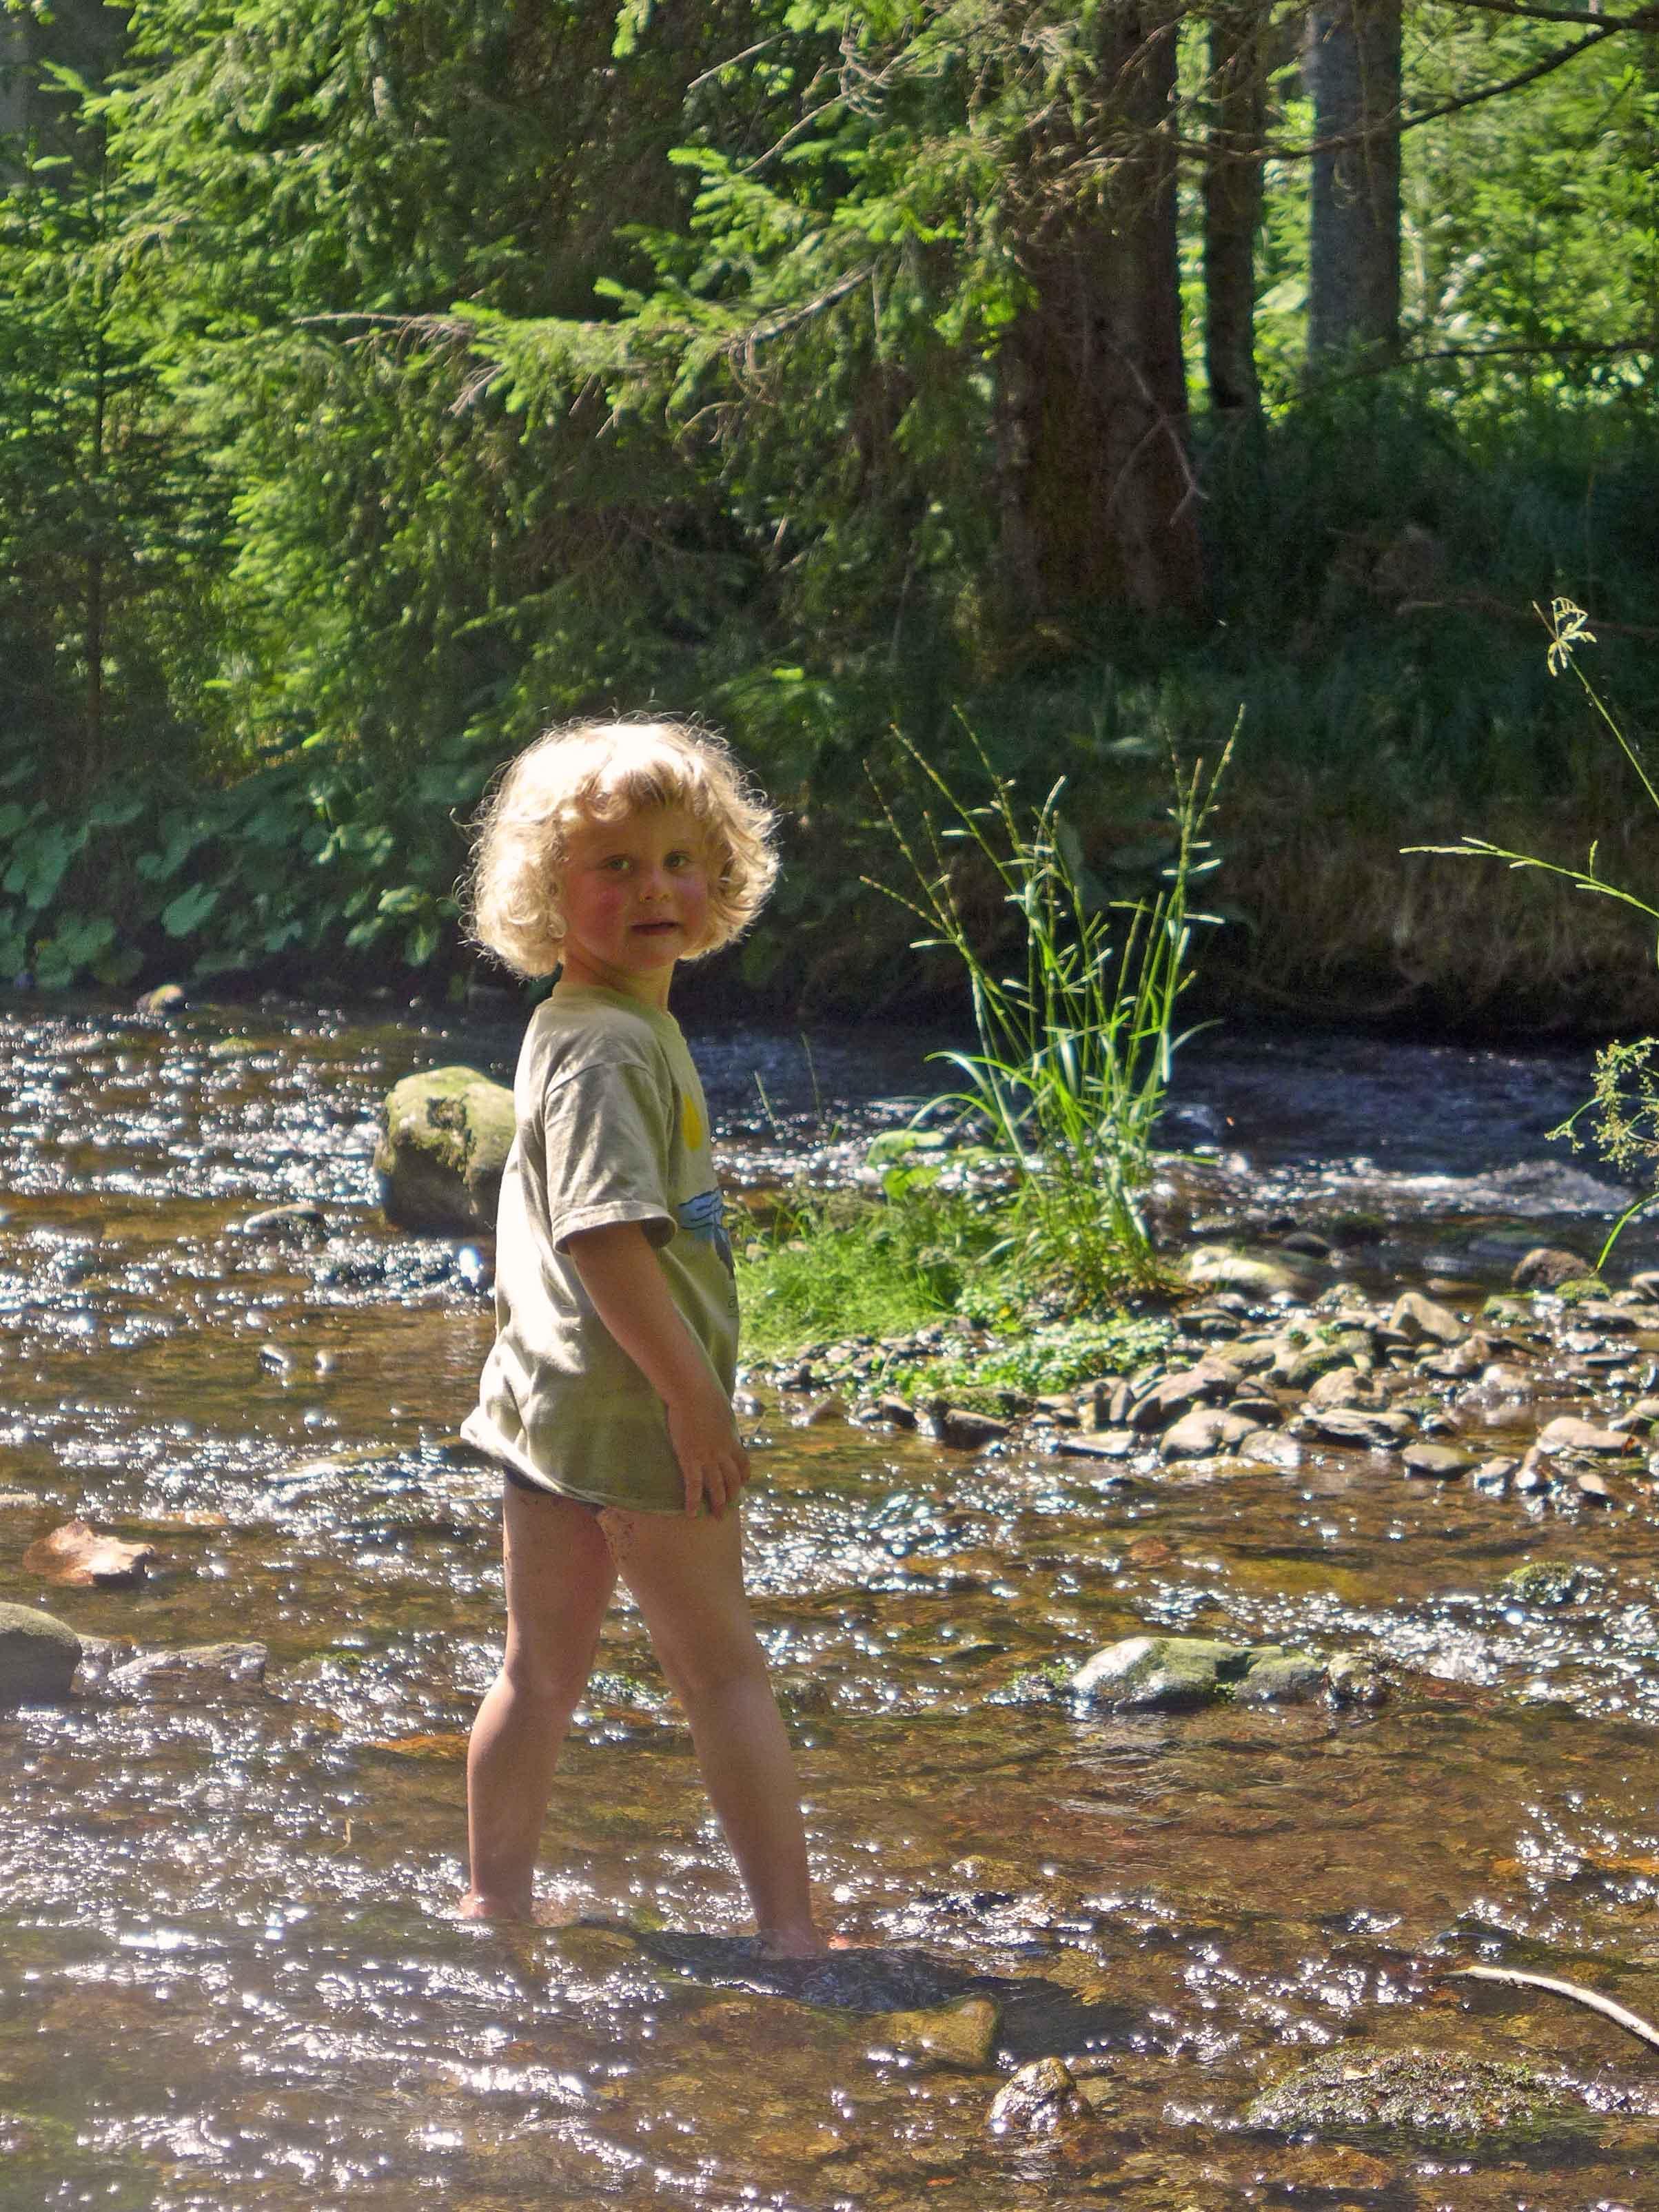 Blondschopf spaziert durch einen Bach